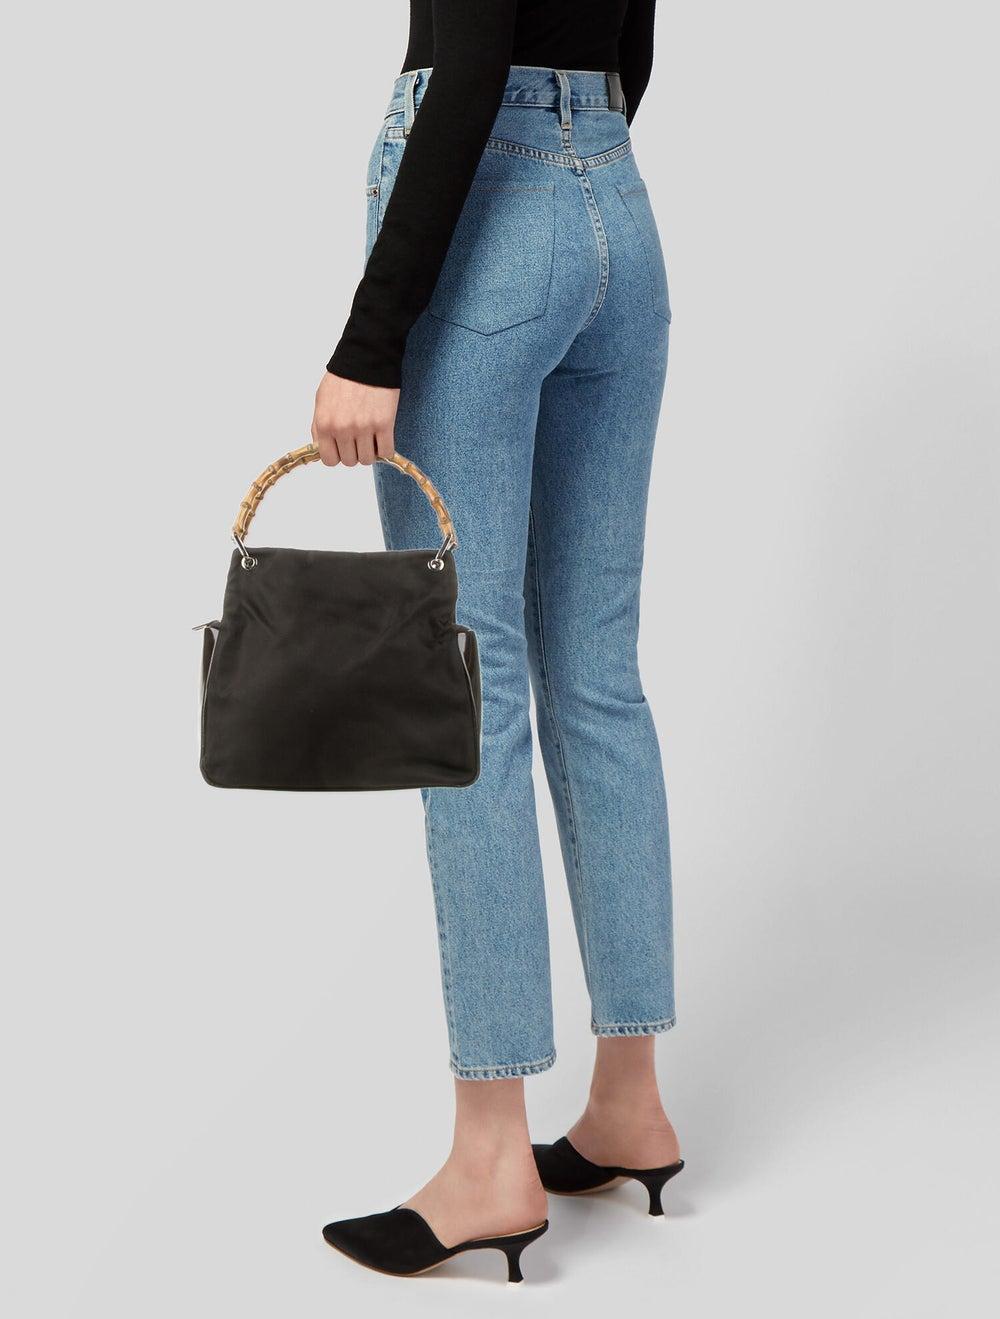 Gucci Vintage Nylon Bamboo Handle Bag Brown - image 2